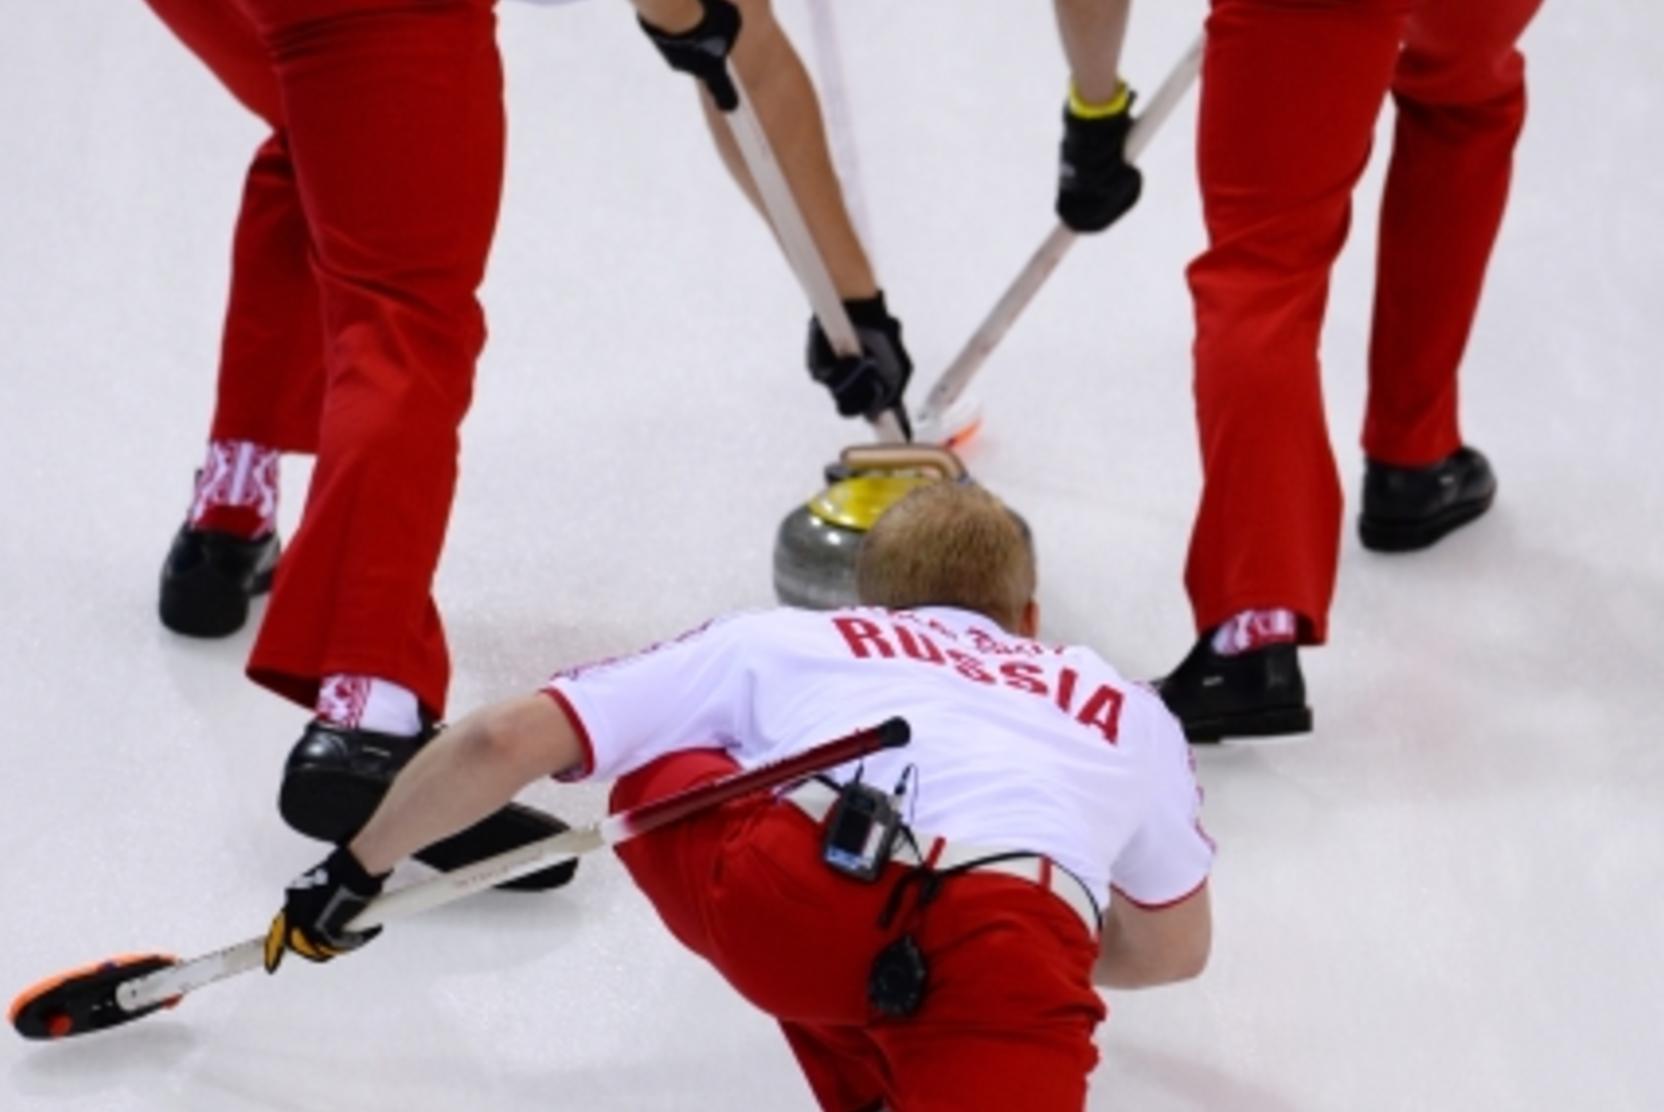 Российские кёрлингисты выиграли путёвку на Олимпиаду-2022